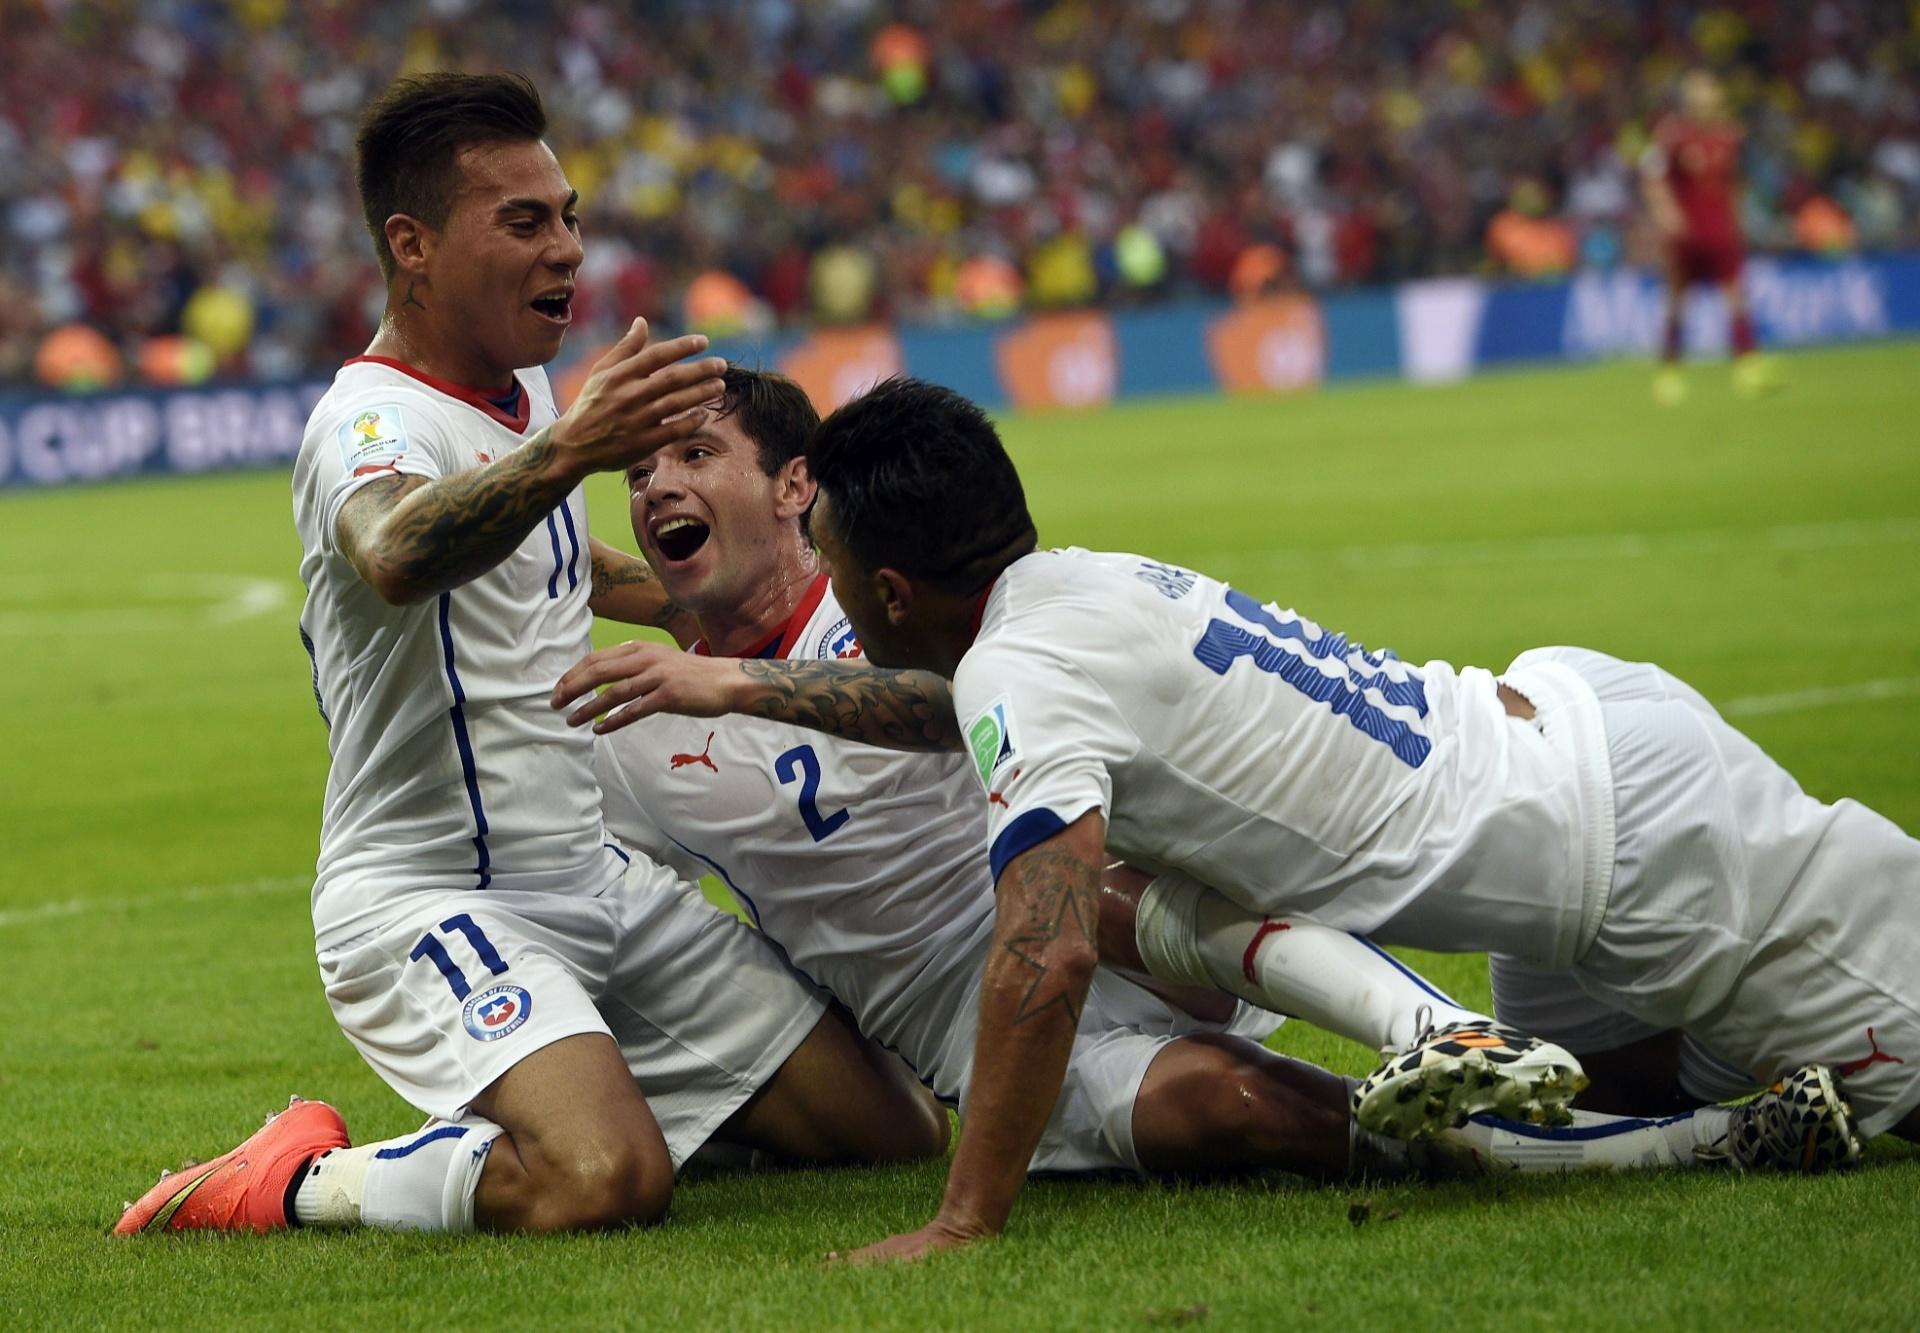 Vargas comemora com seus companheiros chilenos após marcar o primeiro na vitória por 2 a 0 contra a Espanha